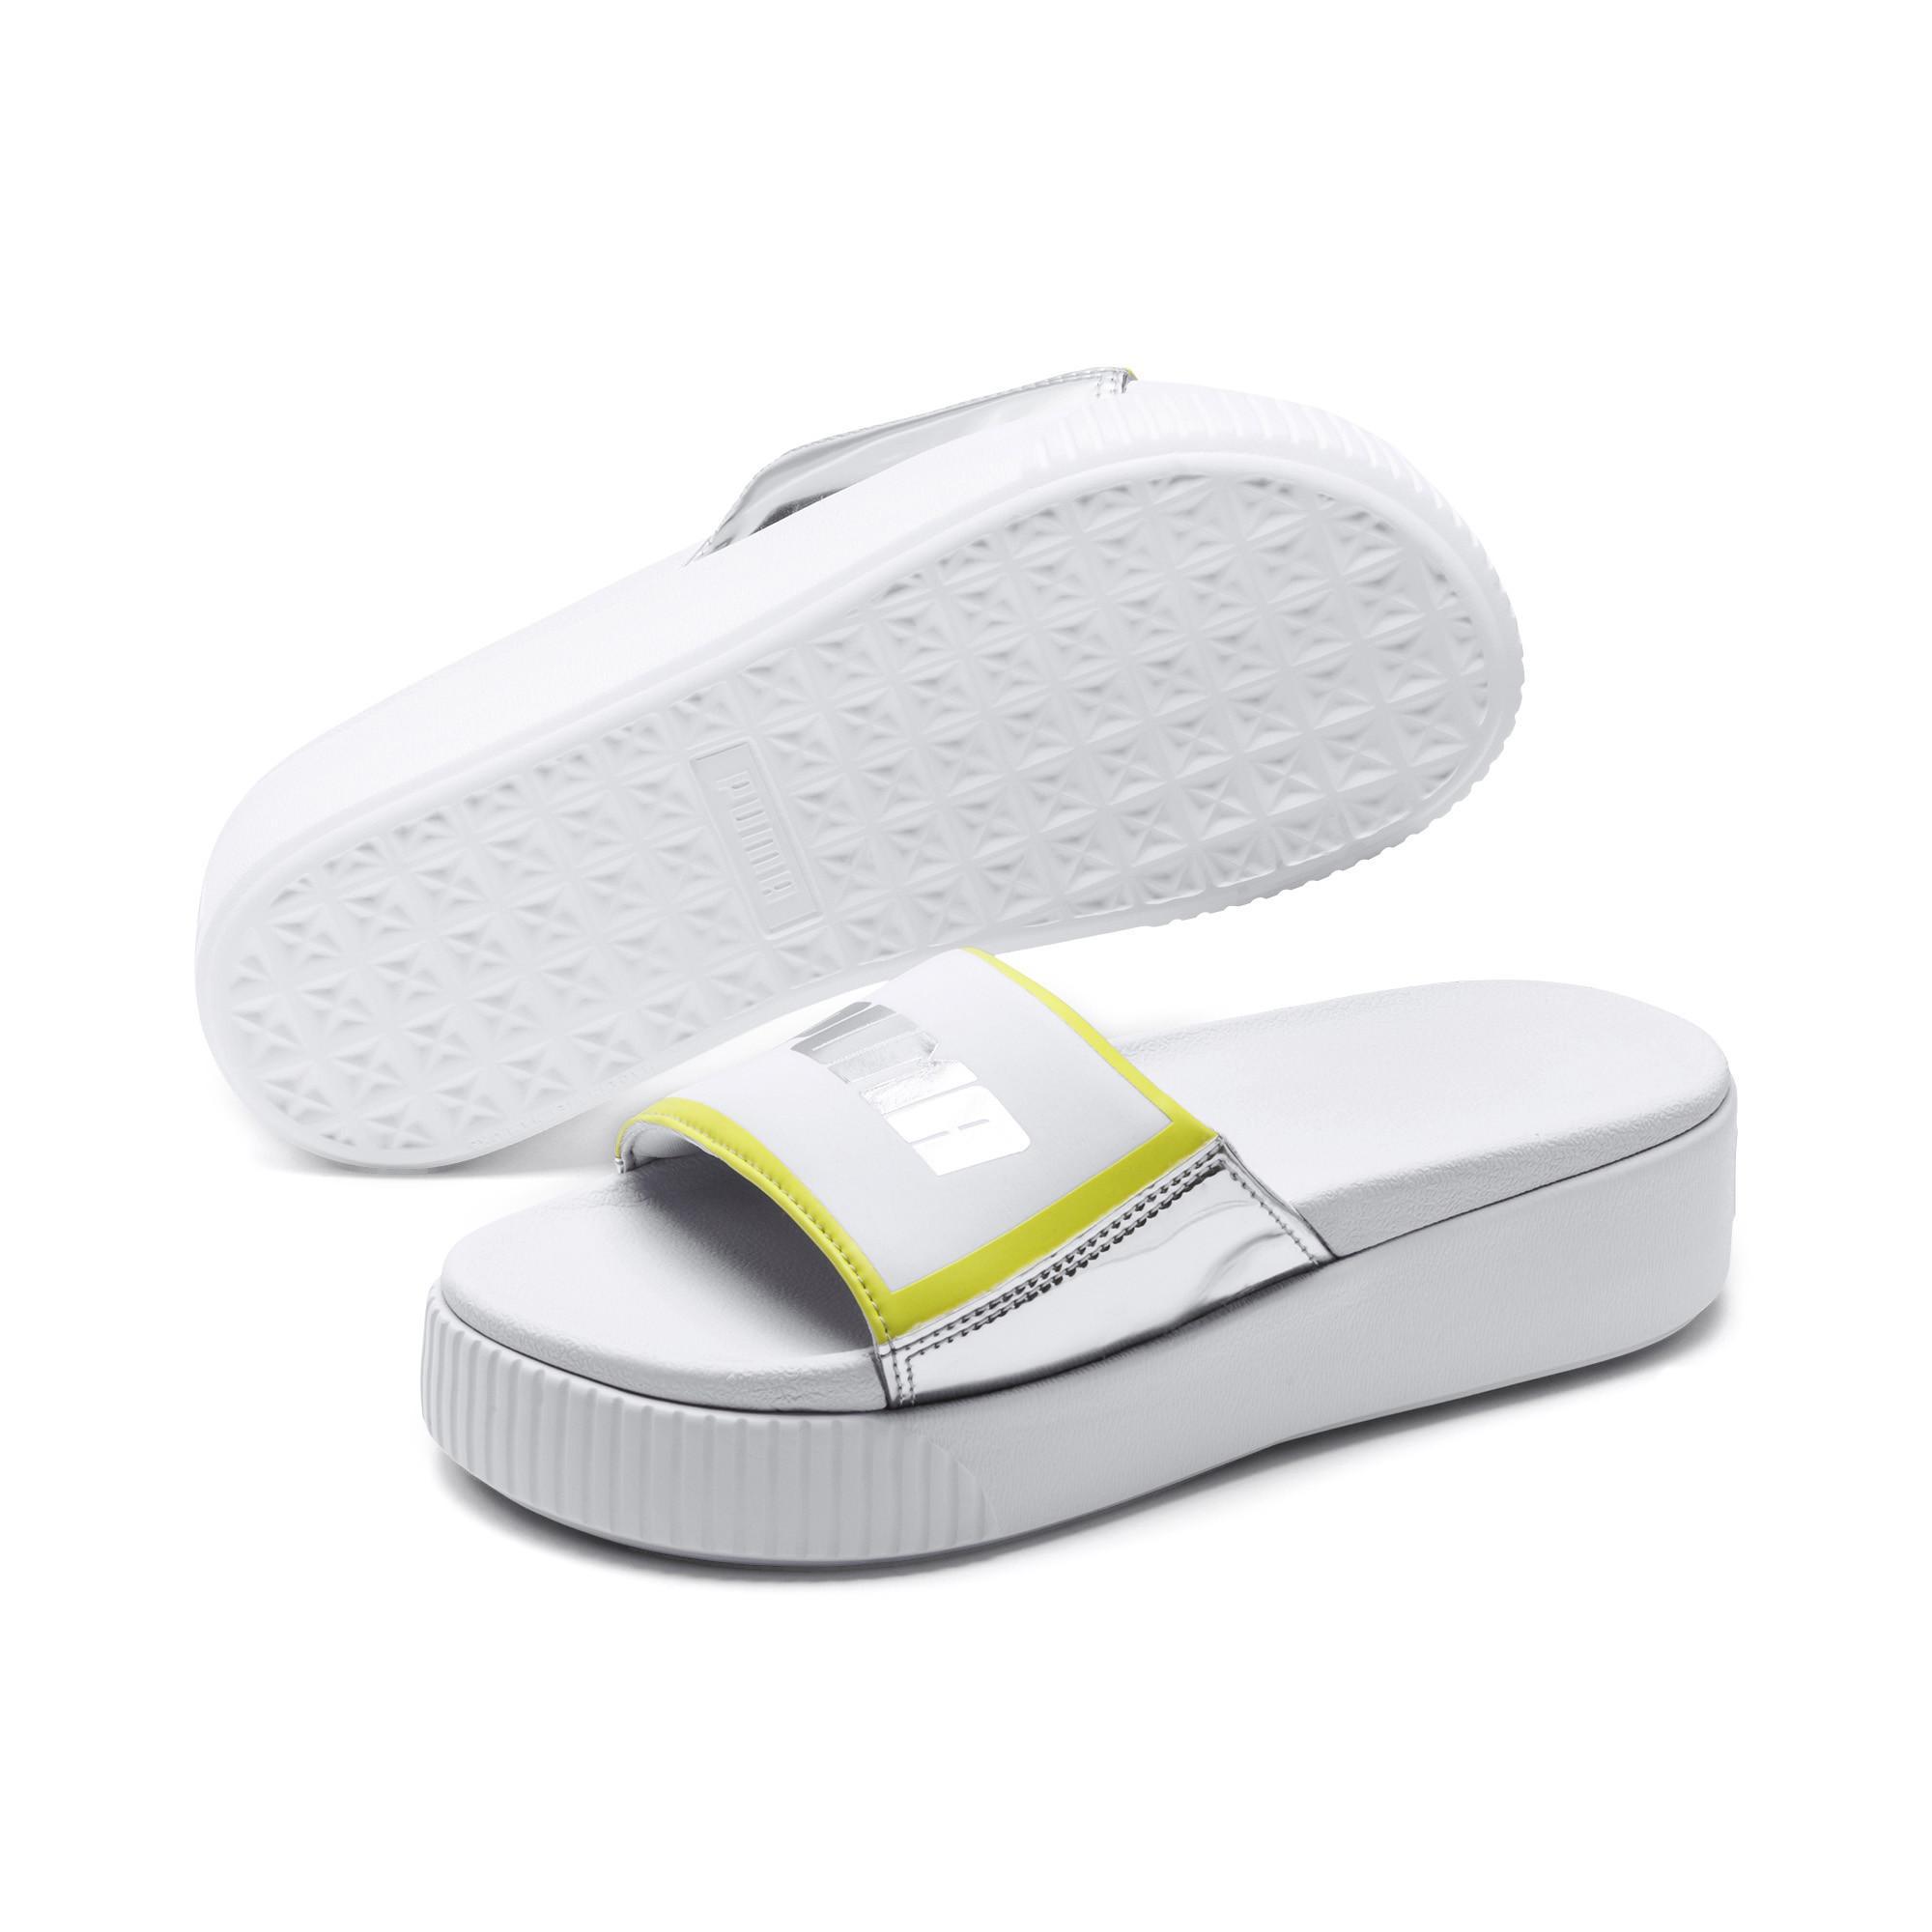 fb92b377b846 PUMA - Platform Trailblazer Metallic Women s Slide Sandals - Lyst. View  fullscreen